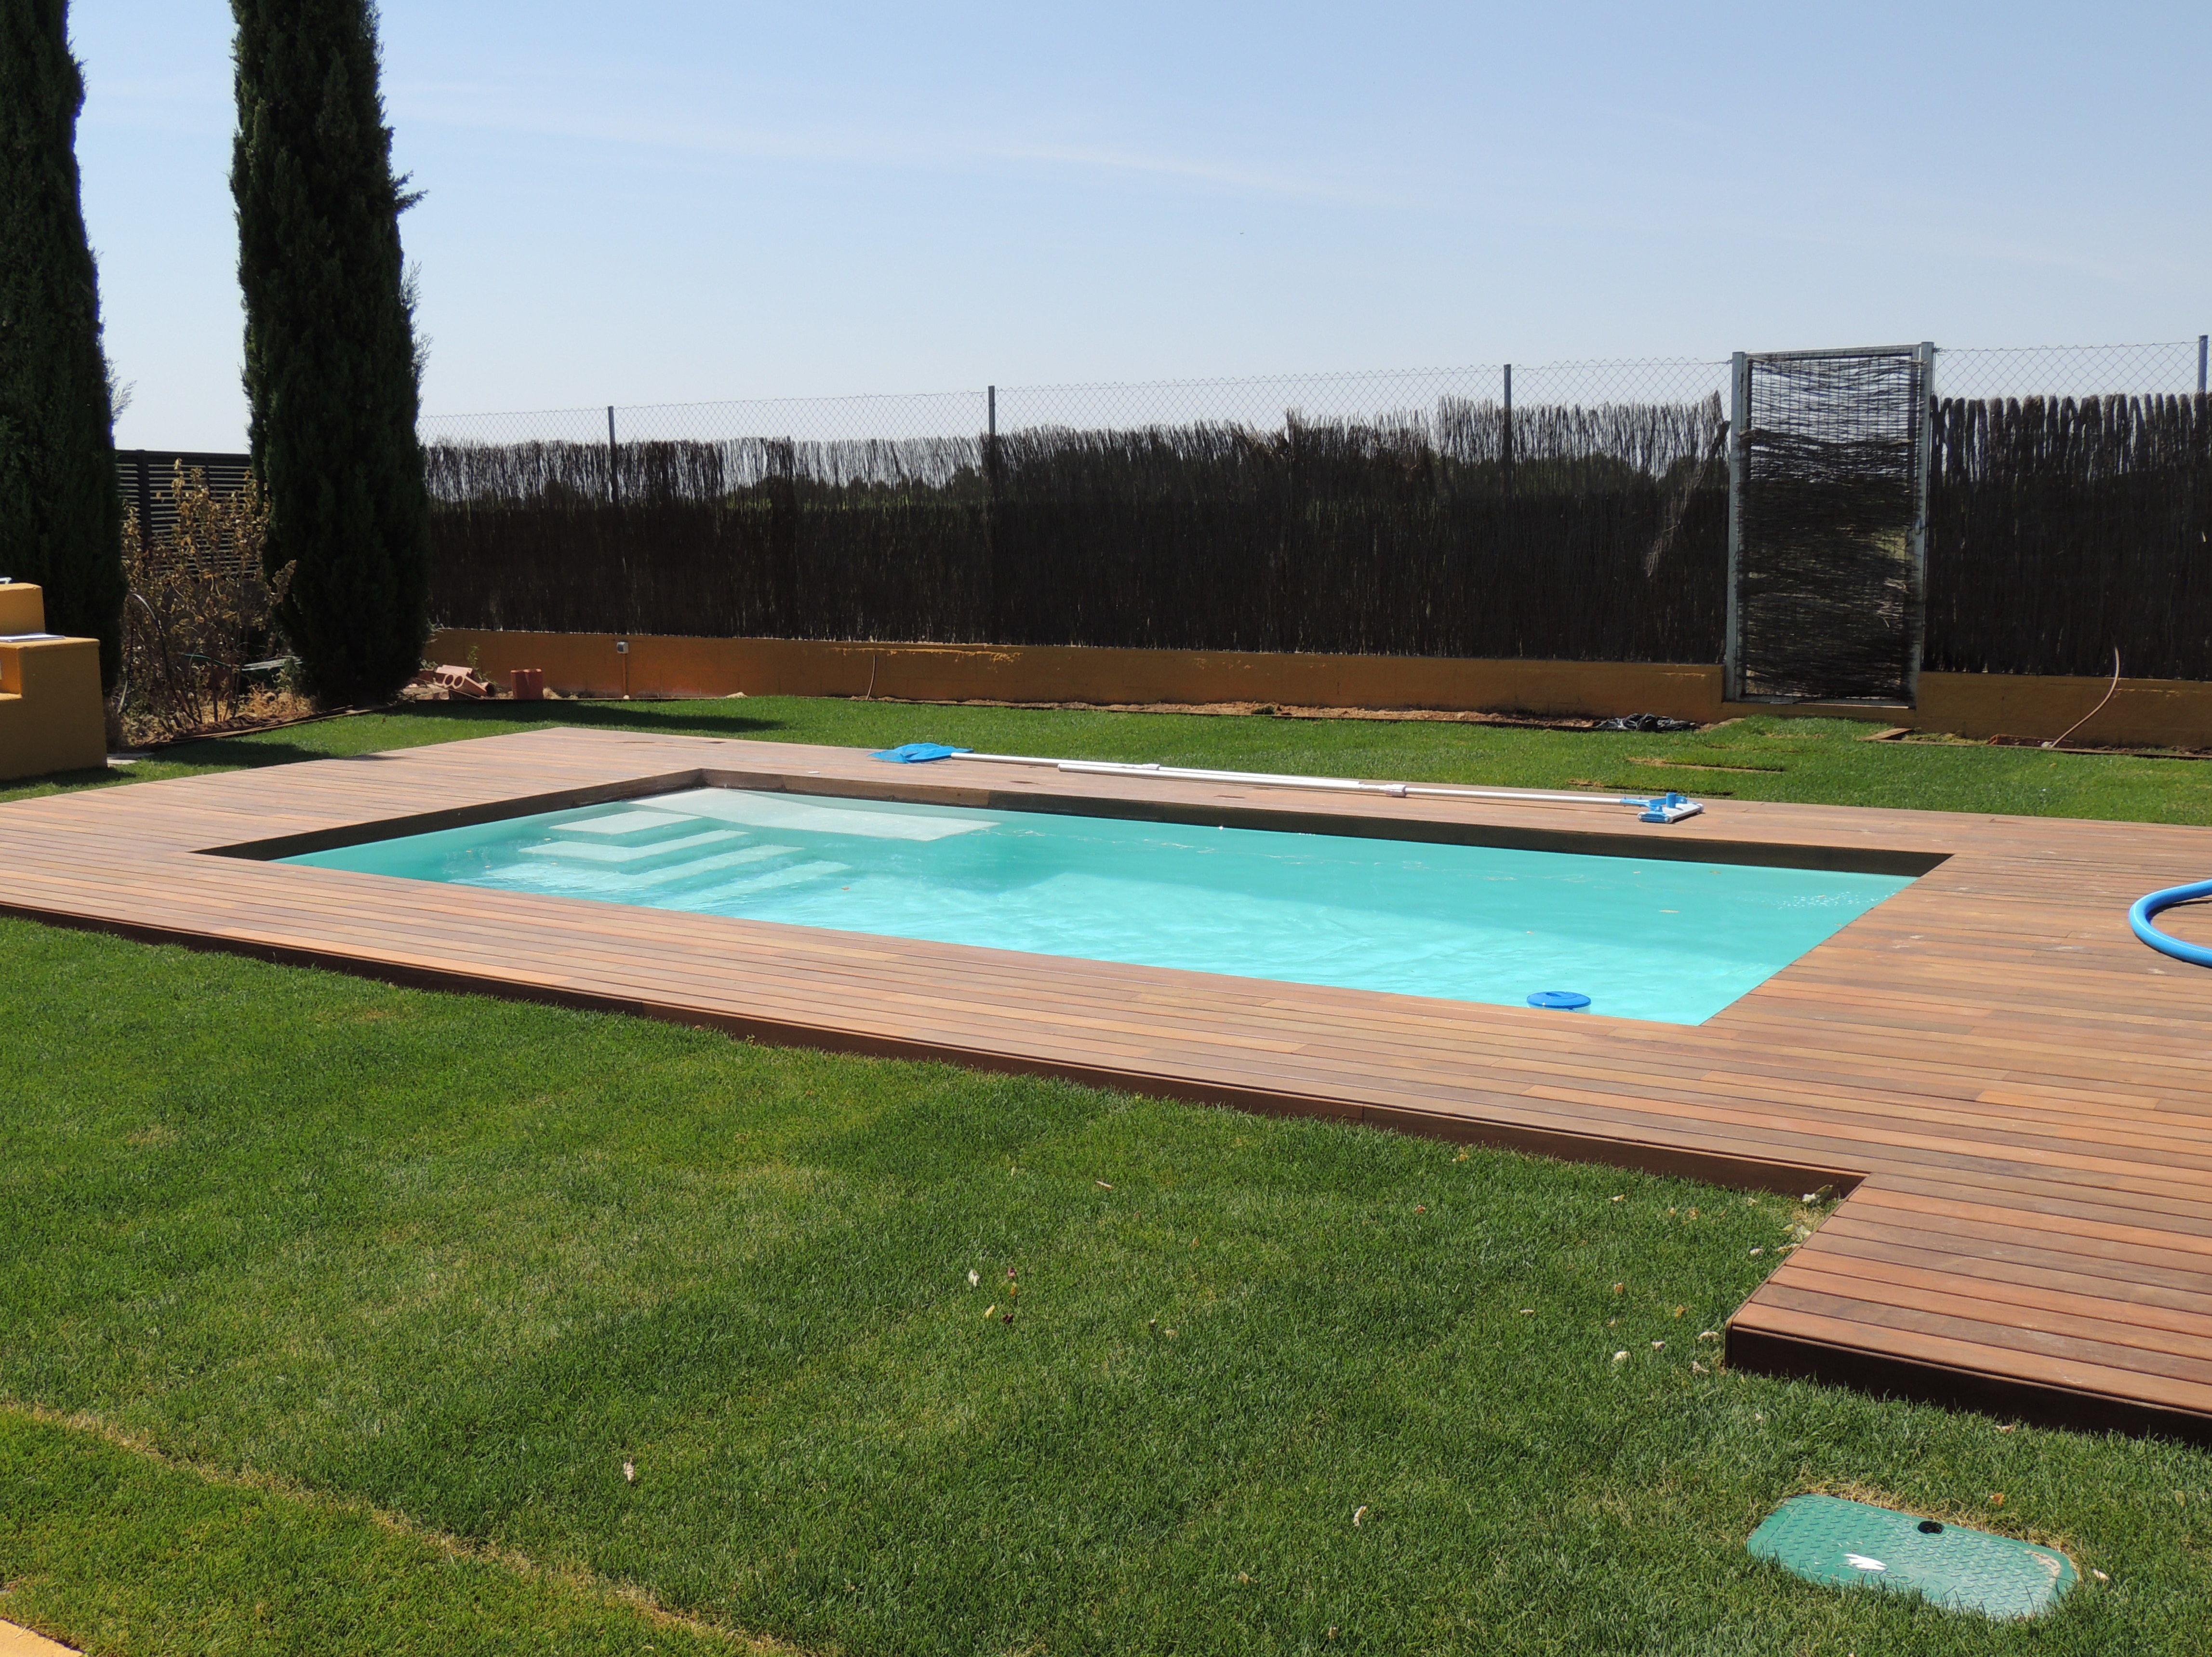 Construcci n de piscinas en madrid centro para disfrutar for Construccion piscinas madrid